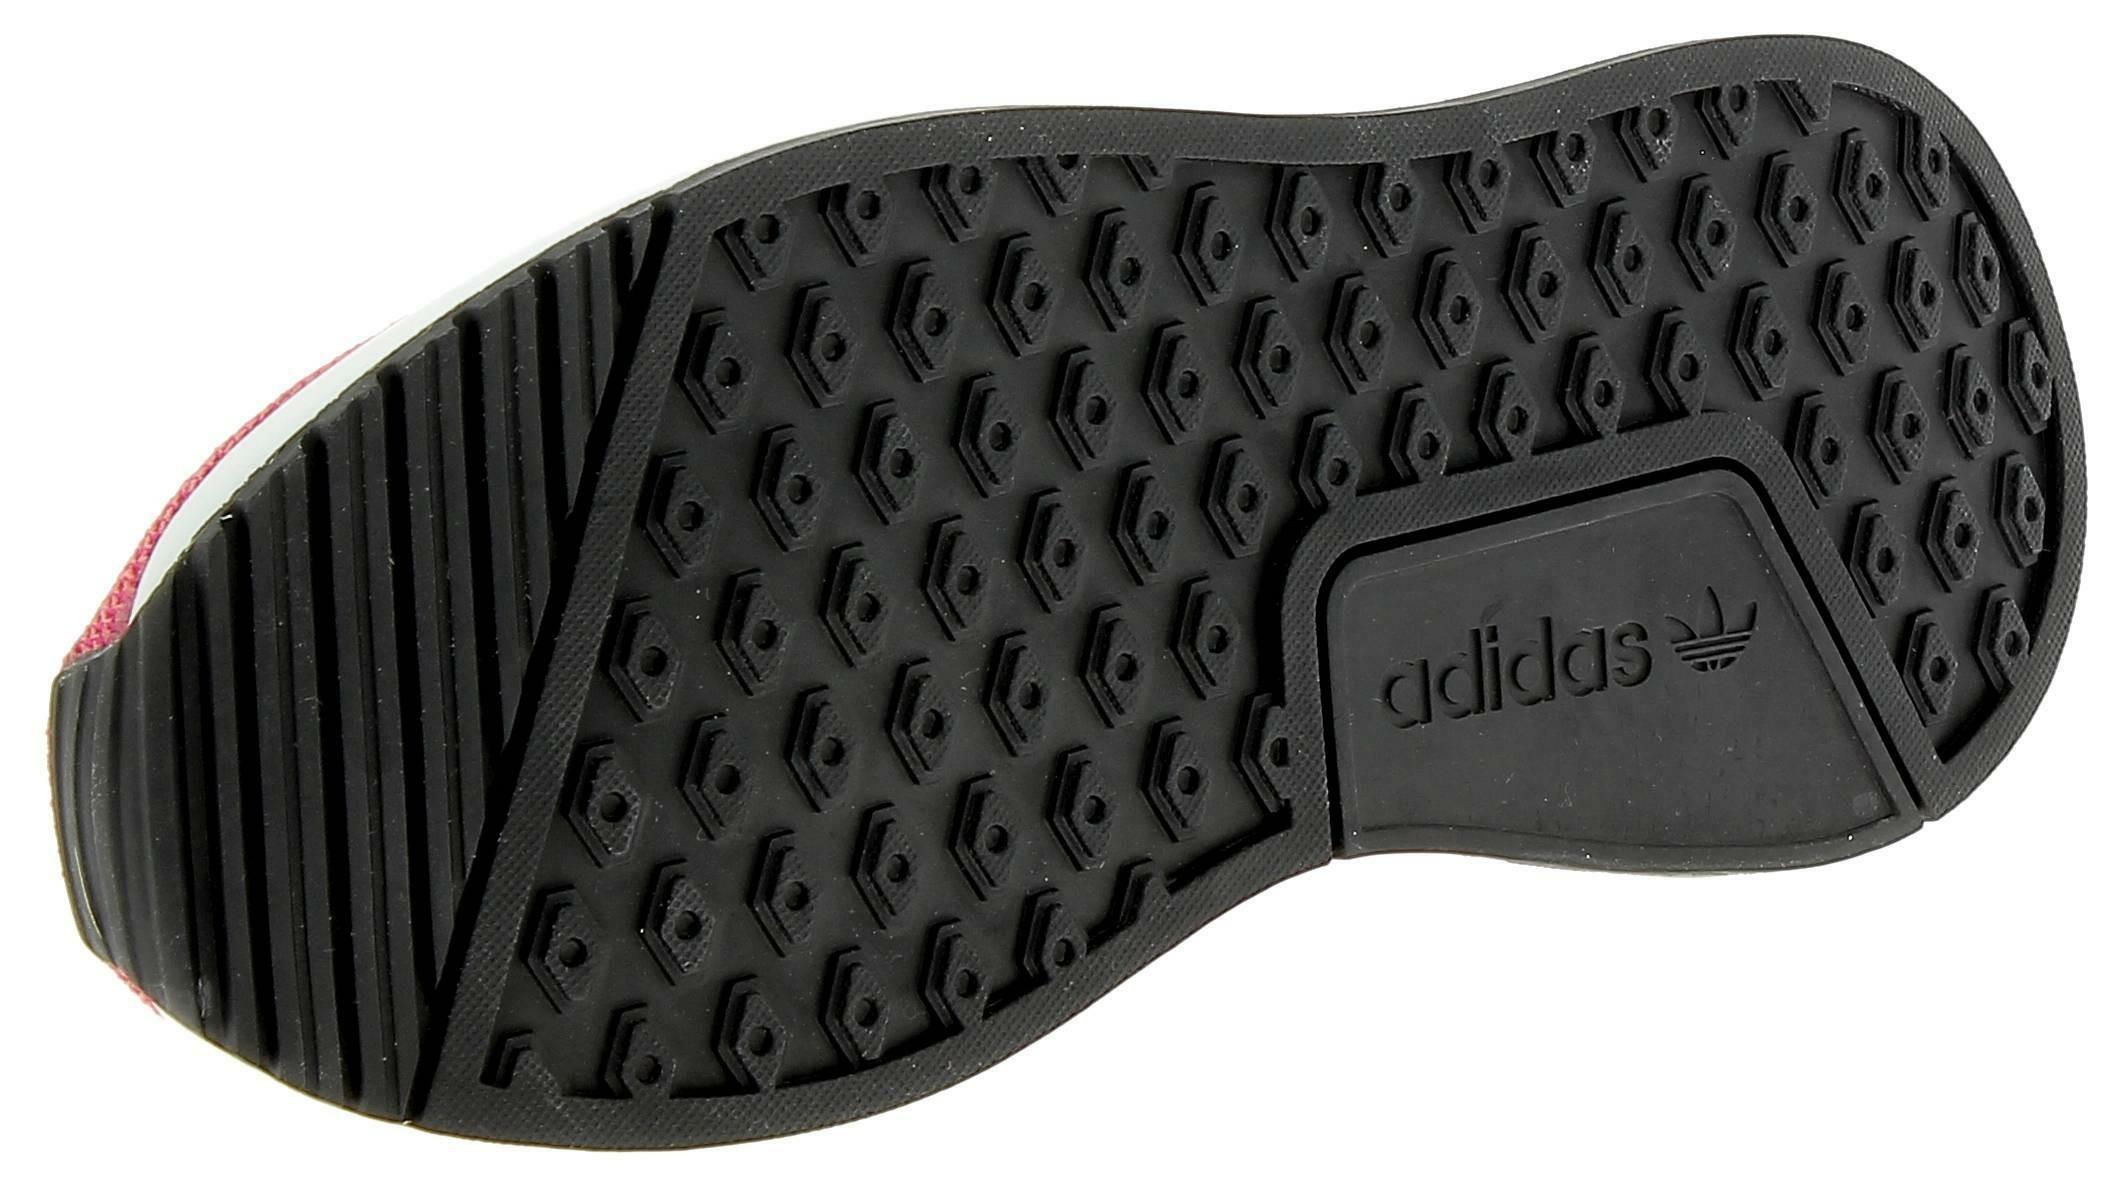 adidas originals adidas x_plr scarpe sportive donna fucsia bb2827